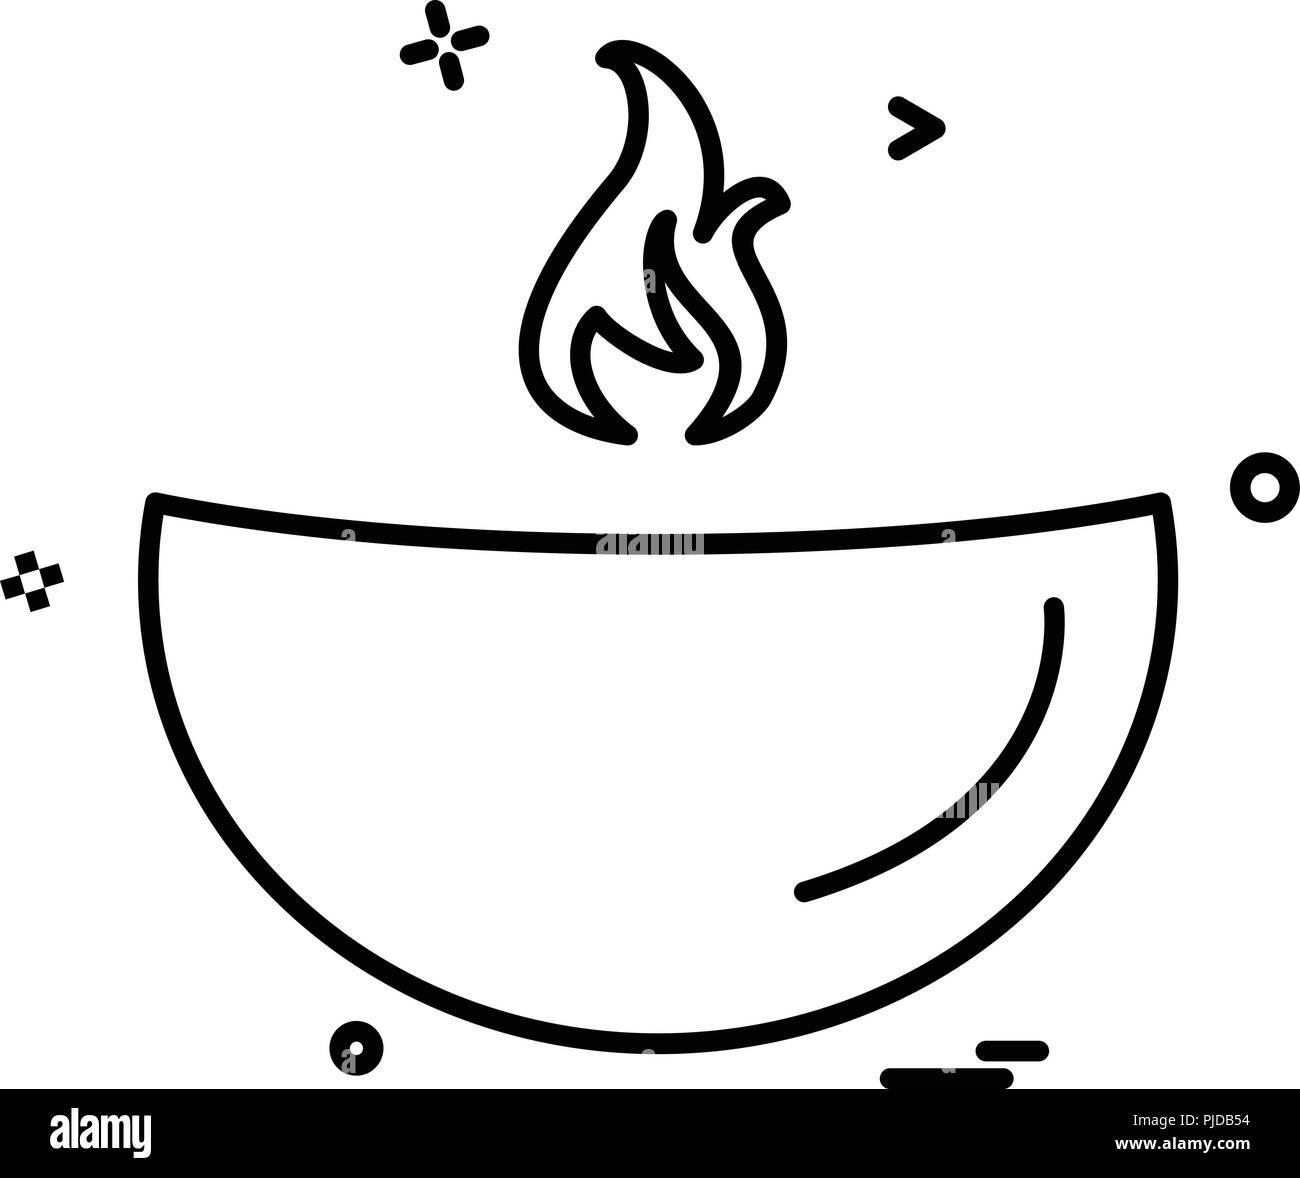 Oil lamp icon design vector stock image